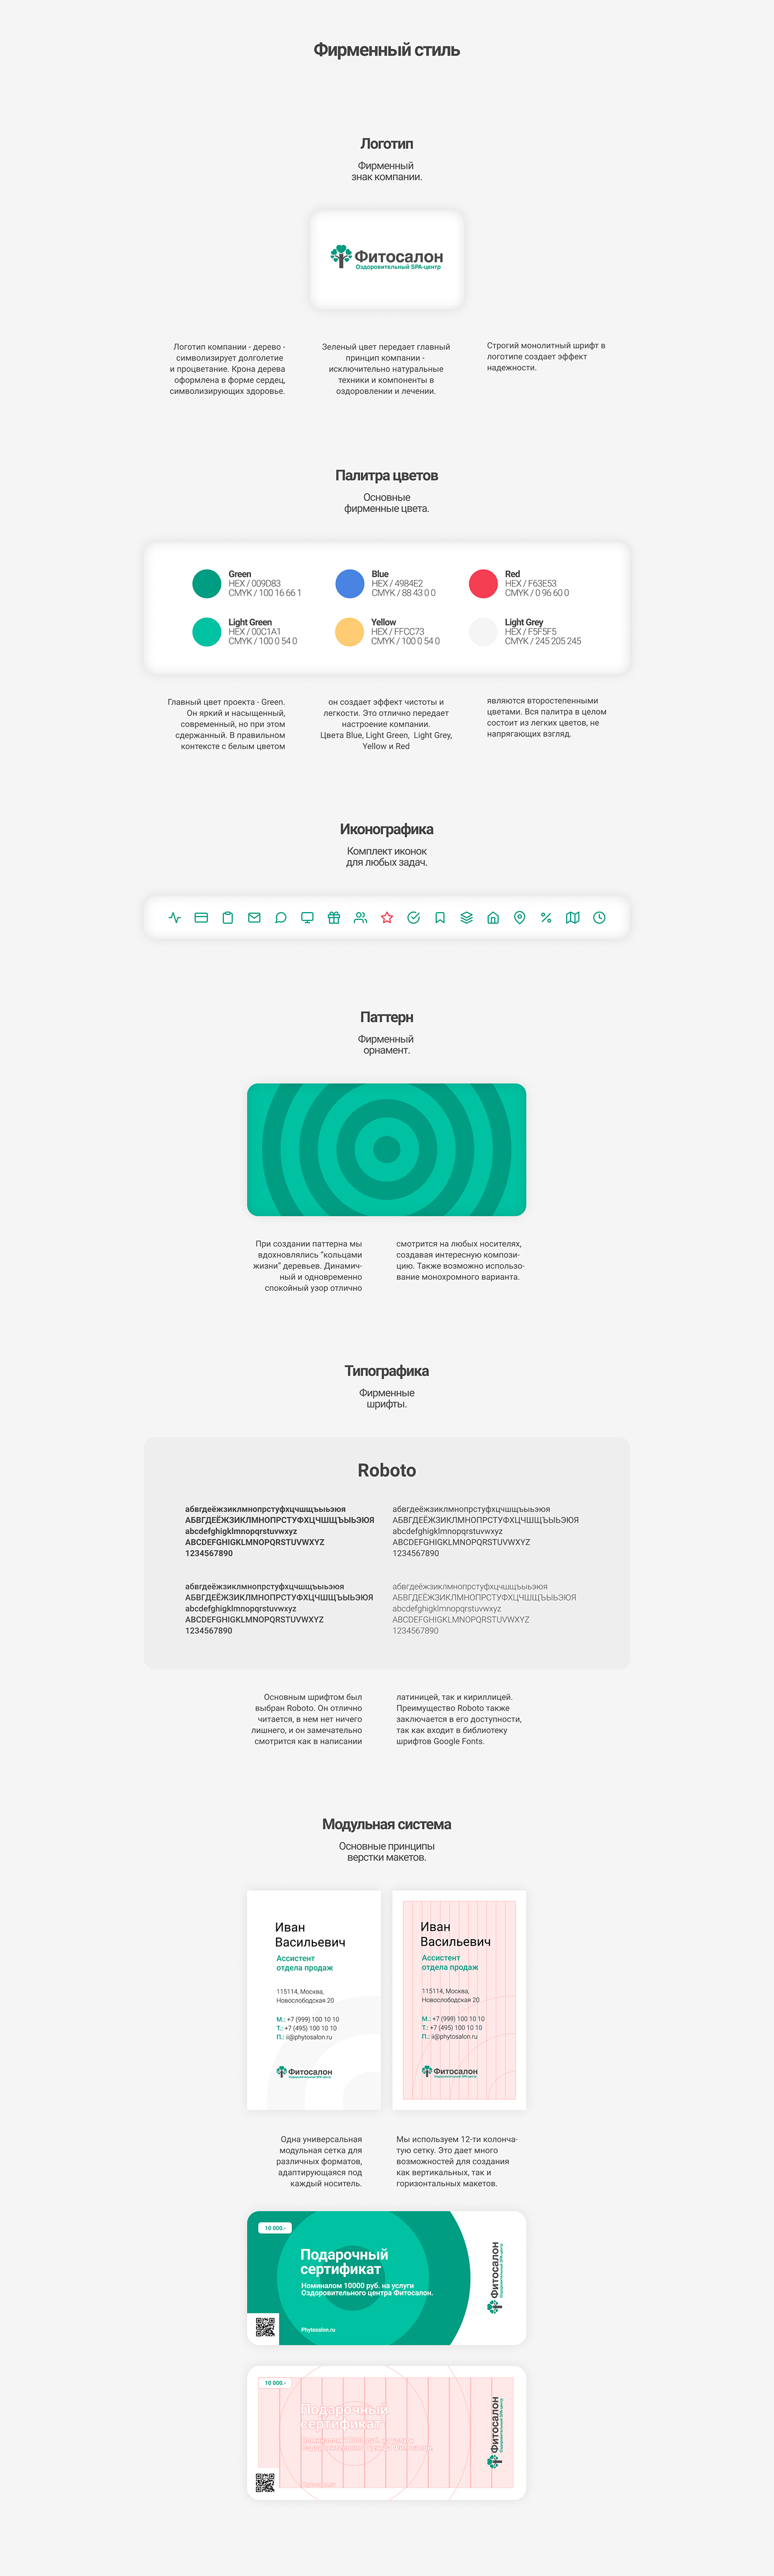 branding  graphic design  UI ux Web Design